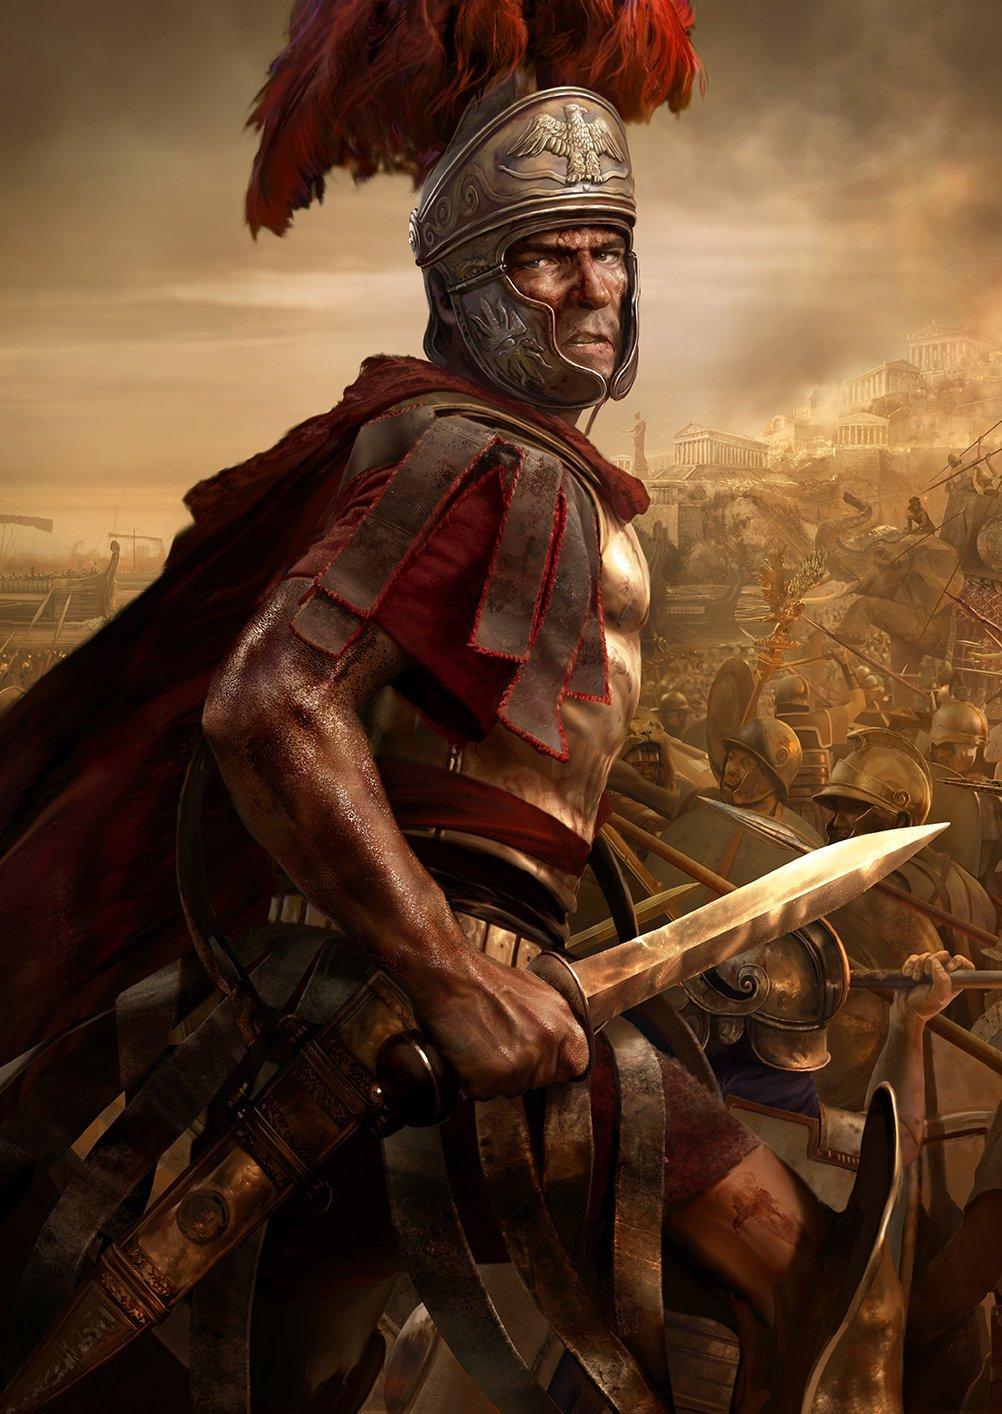 Рецензия на Total War: Warhammer. Обзор игры - Изображение 2